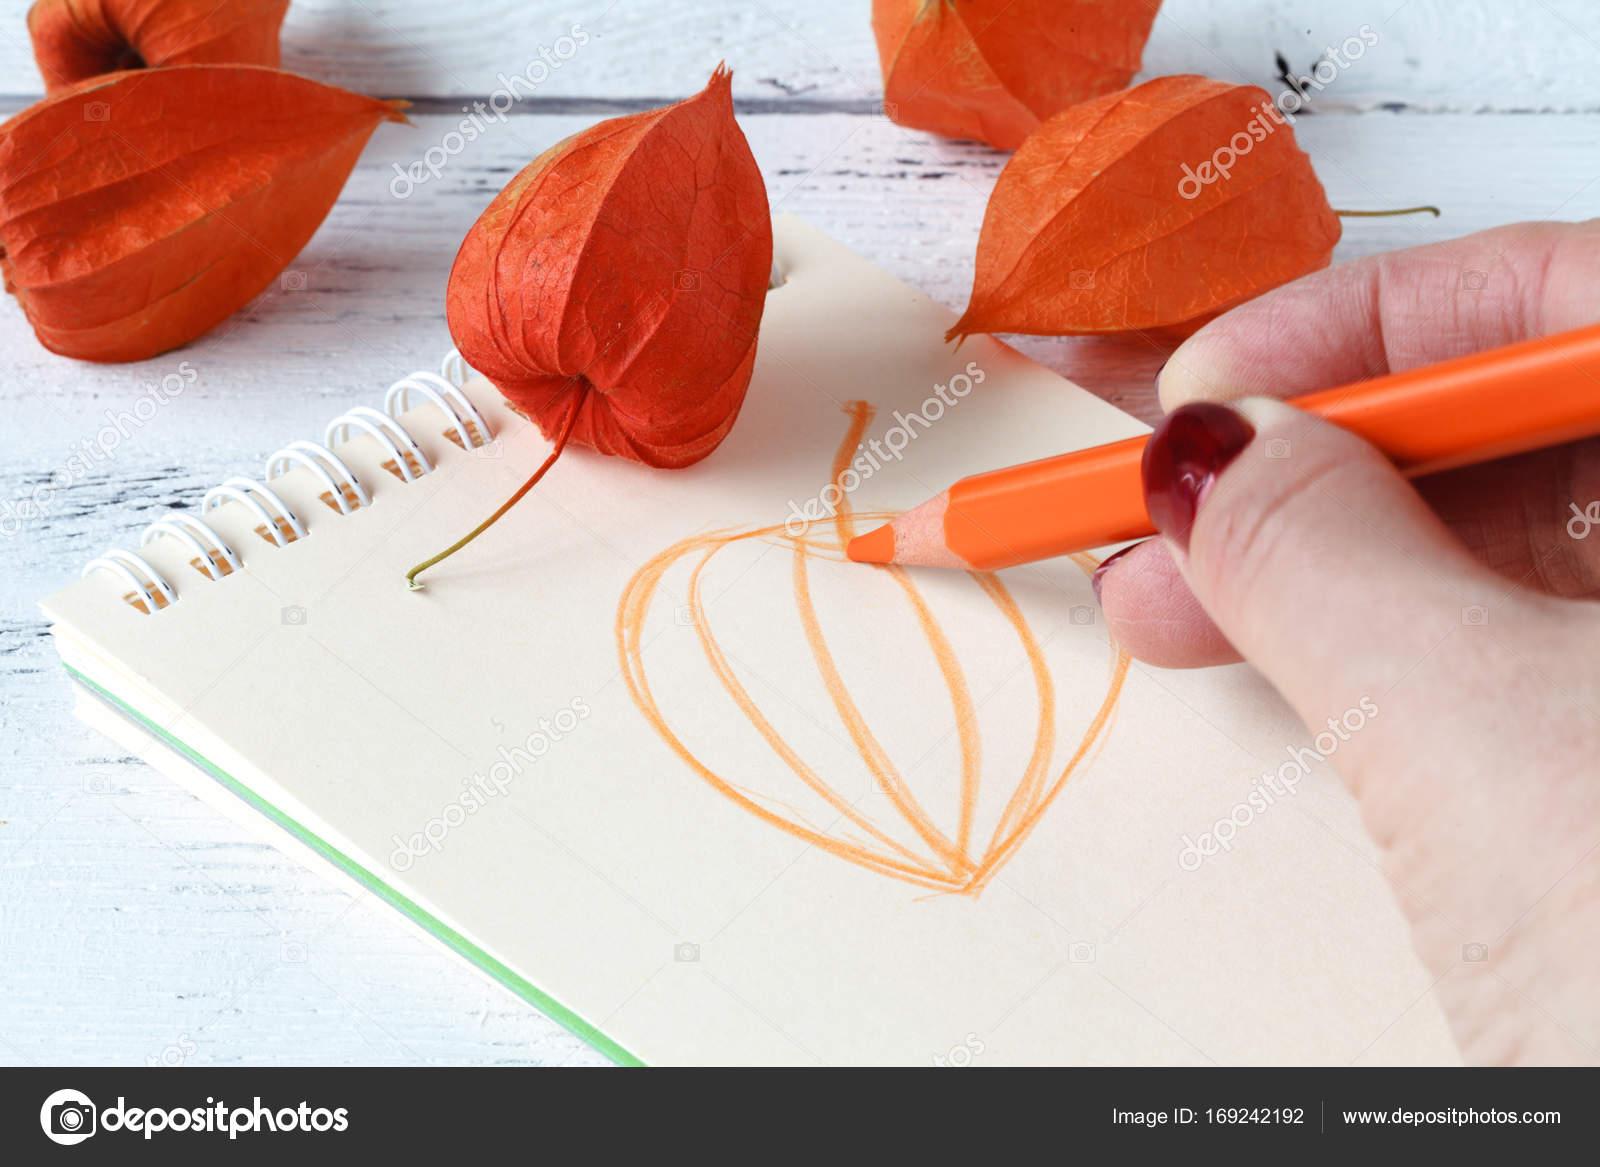 Nahaufnahme Der Hande Zeichnen Ein Herbst Blatt Herbst Le Bedeckt